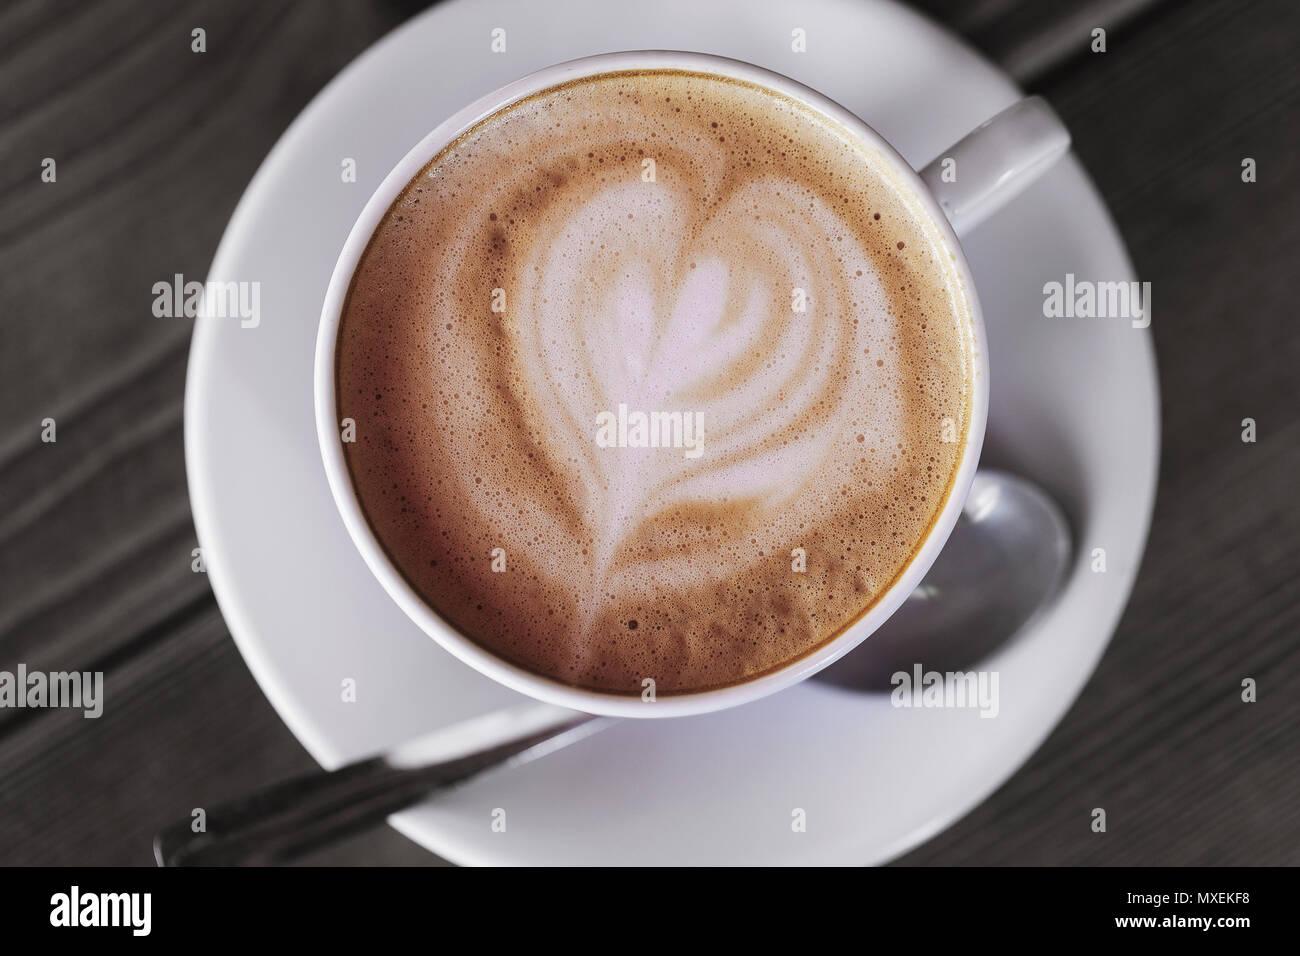 Tasse de cappuccino sur une table en bois, vue du dessus Photo Stock